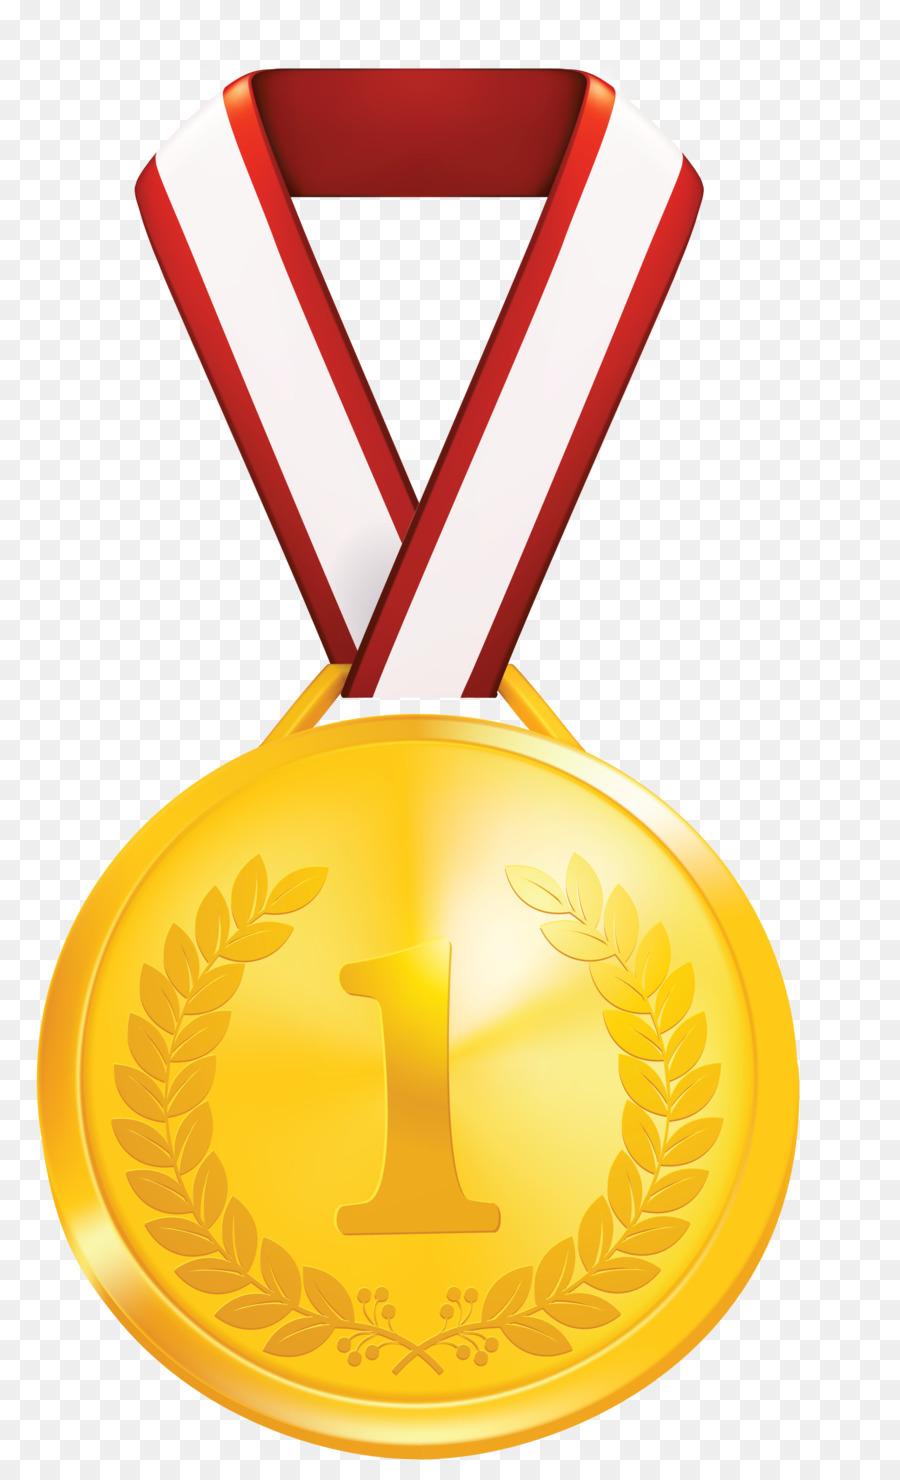 Goldmedaille mit Lorbeerkranz.